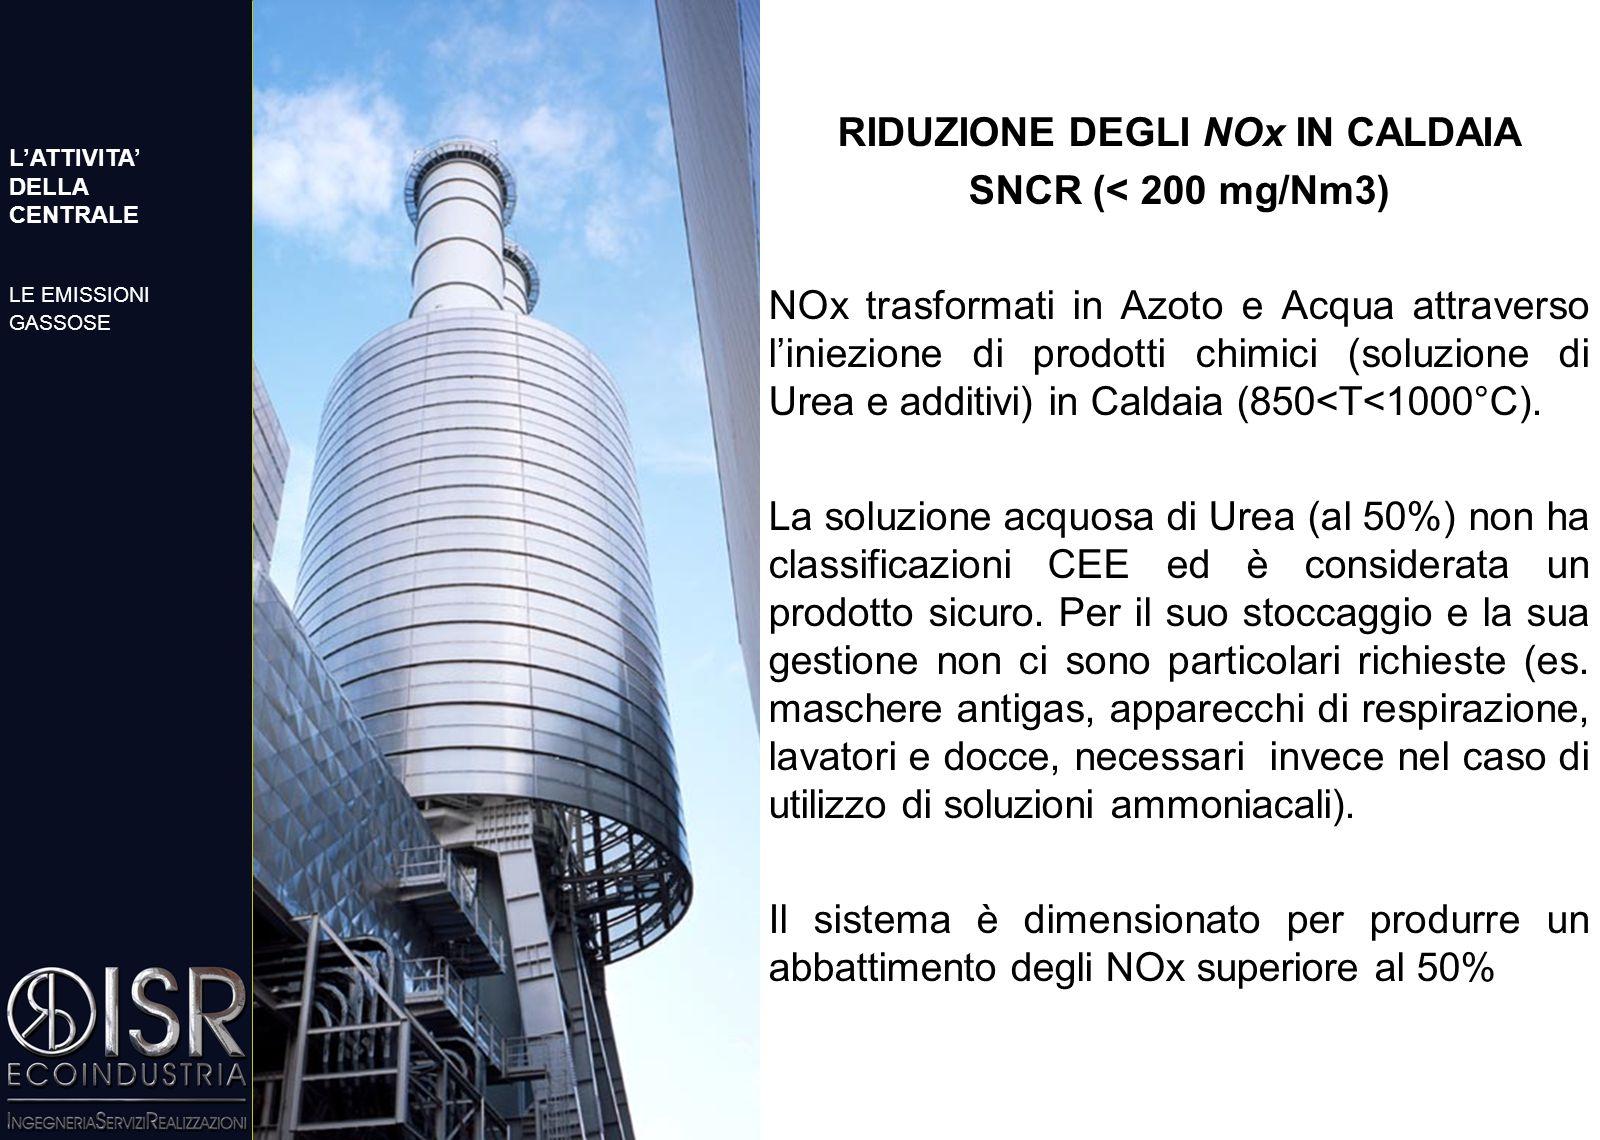 IL SISTEMA DI TRATTAMENTO DEI FUMI Sistema di abbattimento NOx (SNCR in caldaia); Parziale abbattimento polveri con multiciclone a valle caldaia seguito da reattore a secco per il trattamento dei gas acidi (iniezione di reagente alcalino) e fltro a maniche ad alta efficienza per la totale depolverazione dei fumi; Camino alto 40 m; E' previsto il monitoraggio in continuo di: temperatura fumi, O2, CO, COT, SO2, HCl, NOx, polveri; Installazione nell'area della centrale di una centralina fissa di monitoraggio in continuo dei principali parametri meteorologici (velocità e direzione vento, radiazione solare; umidità, piovosità, temperatura).